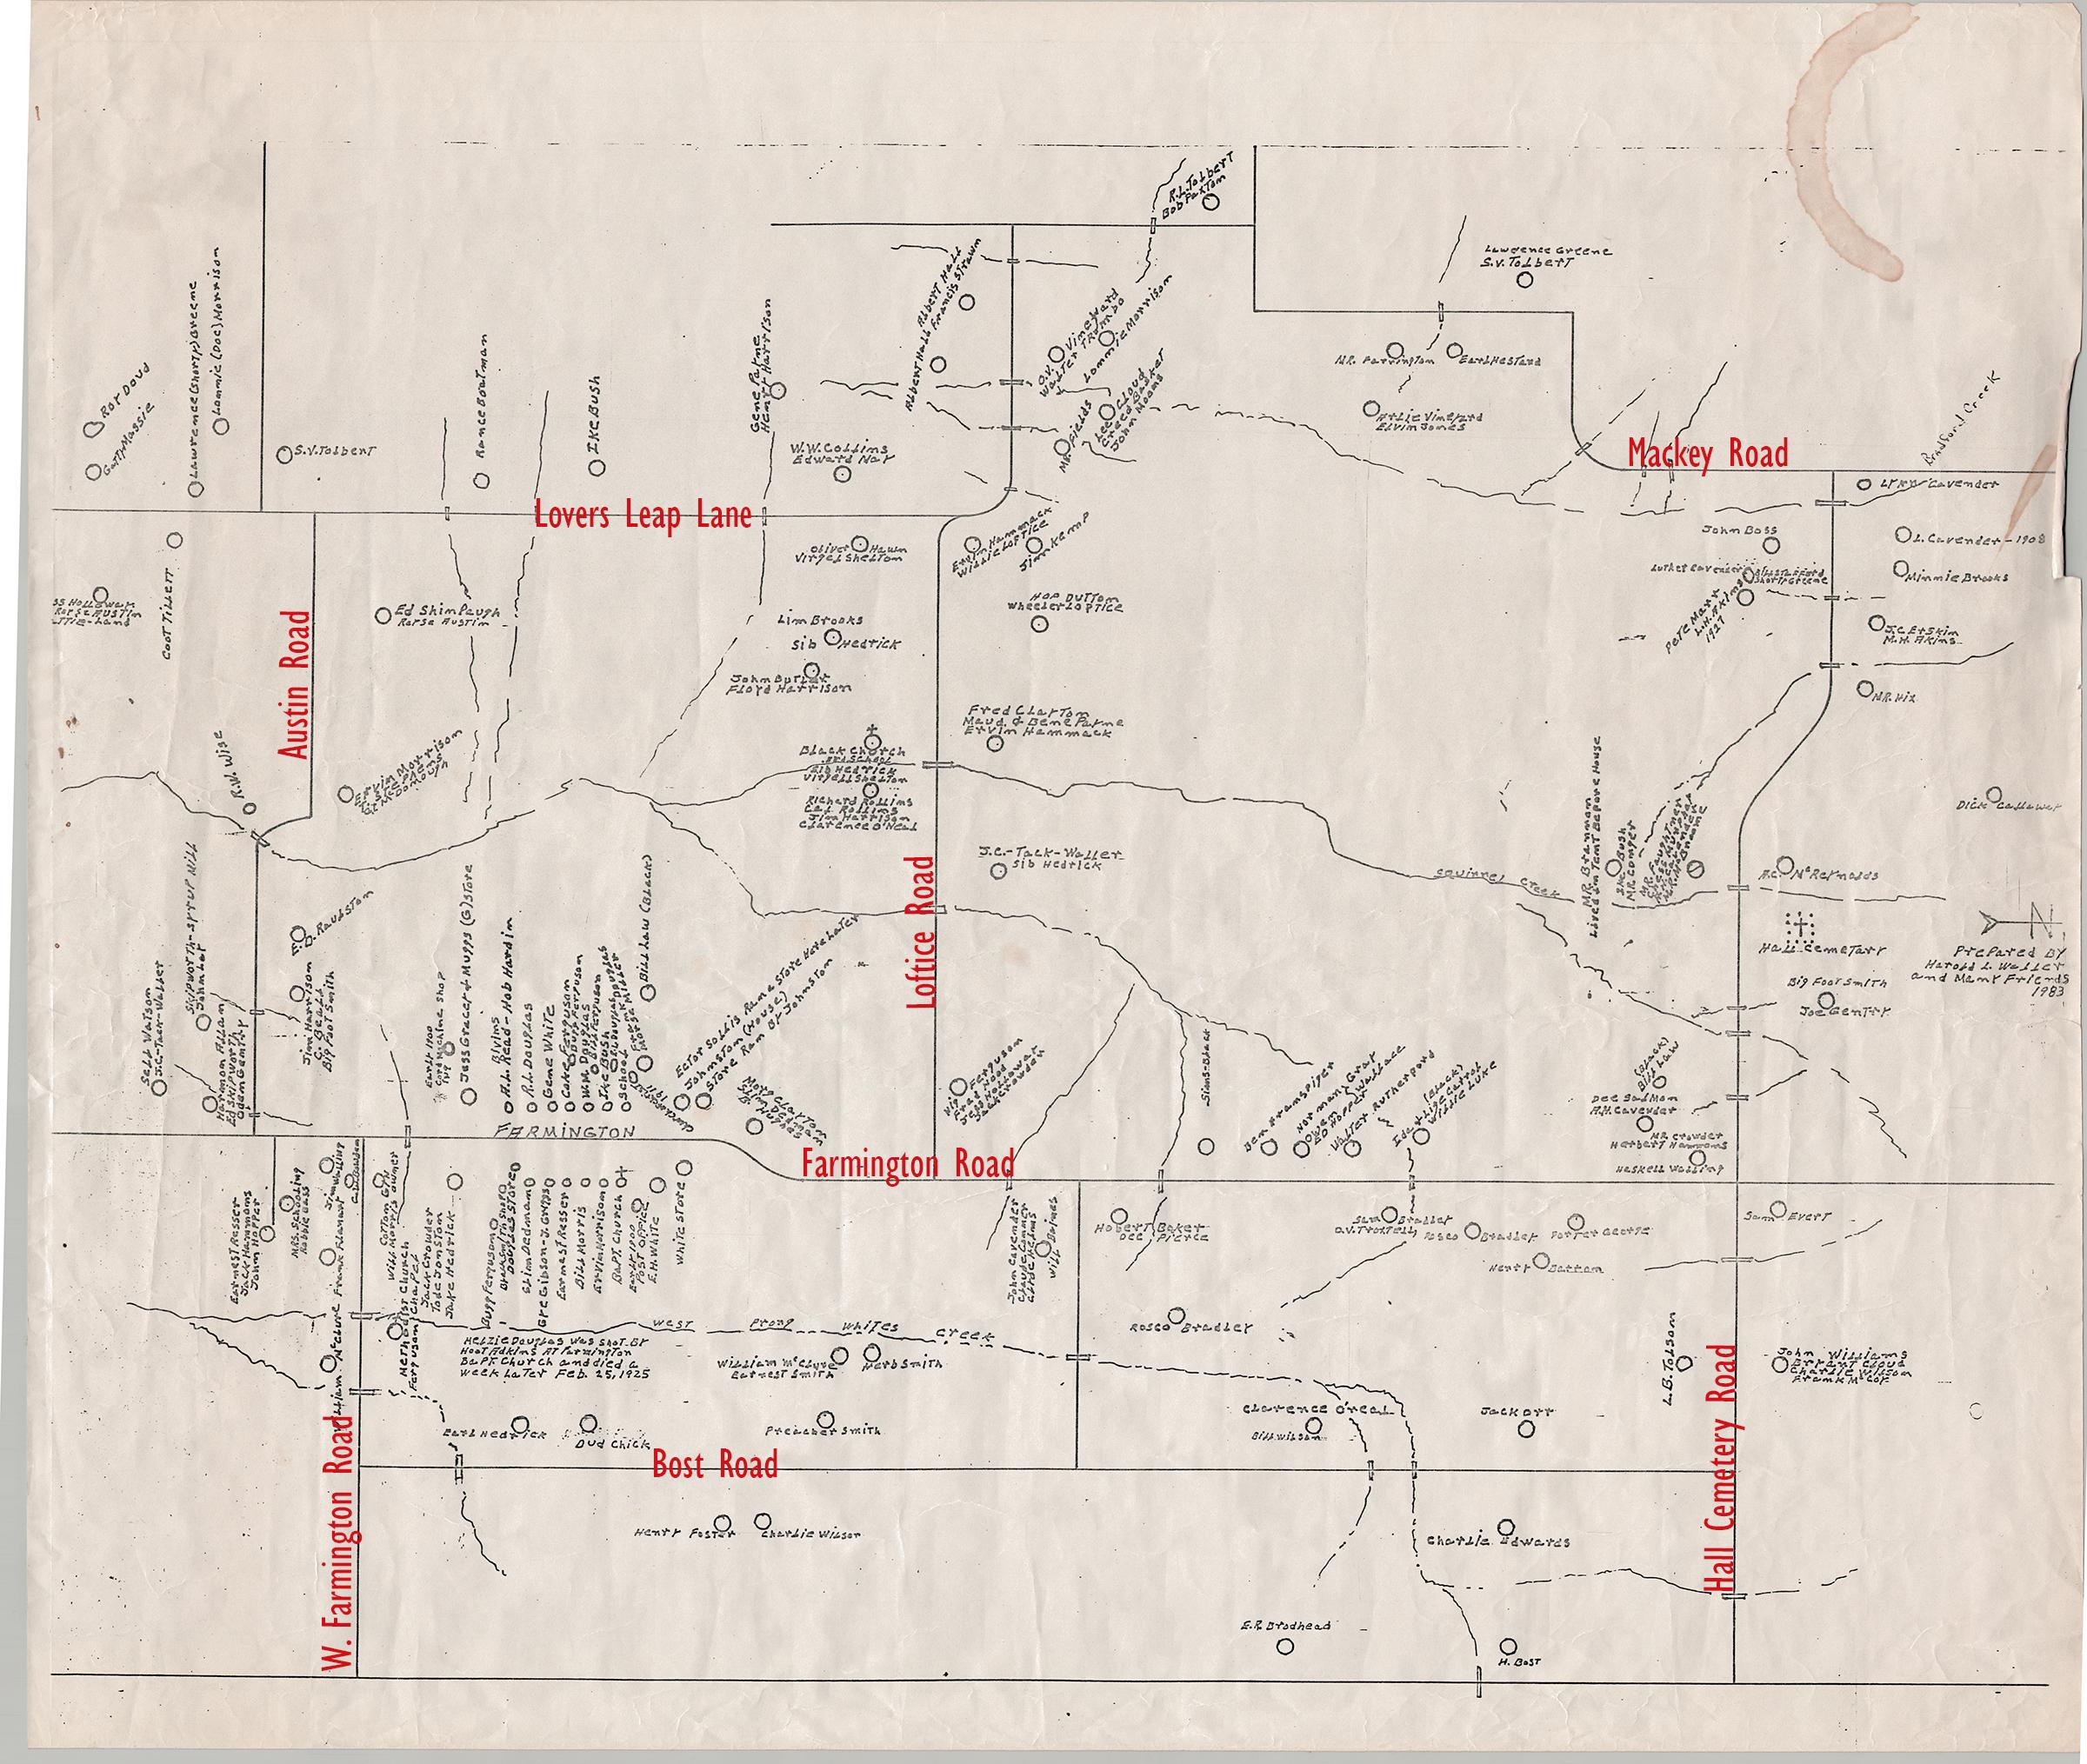 Early 1900s map of Farmington found describes shooting at church